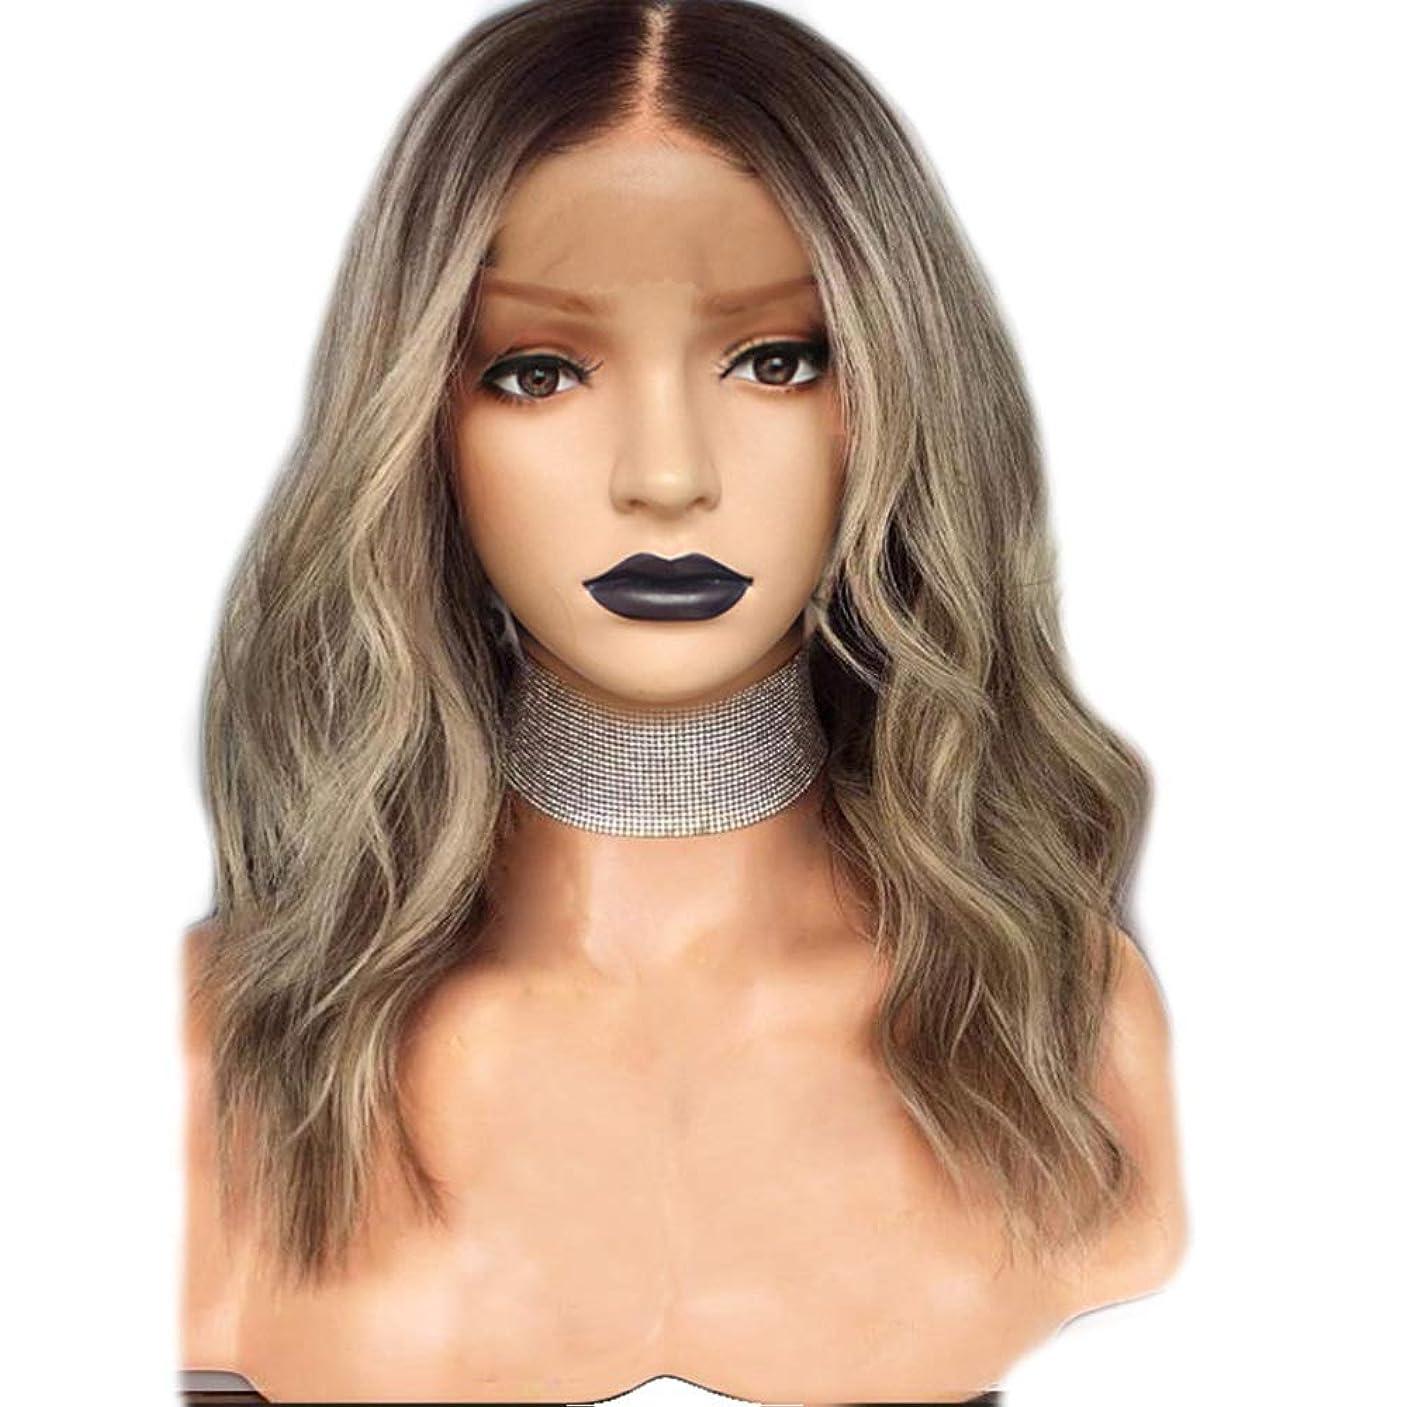 著作権配置机ZXF ヨーロッパとアメリカの化学繊維かつら女性18インチリネングラデーションカラー長い小さな巻き毛の前部絹のかつらエレガントな女の子 美しい